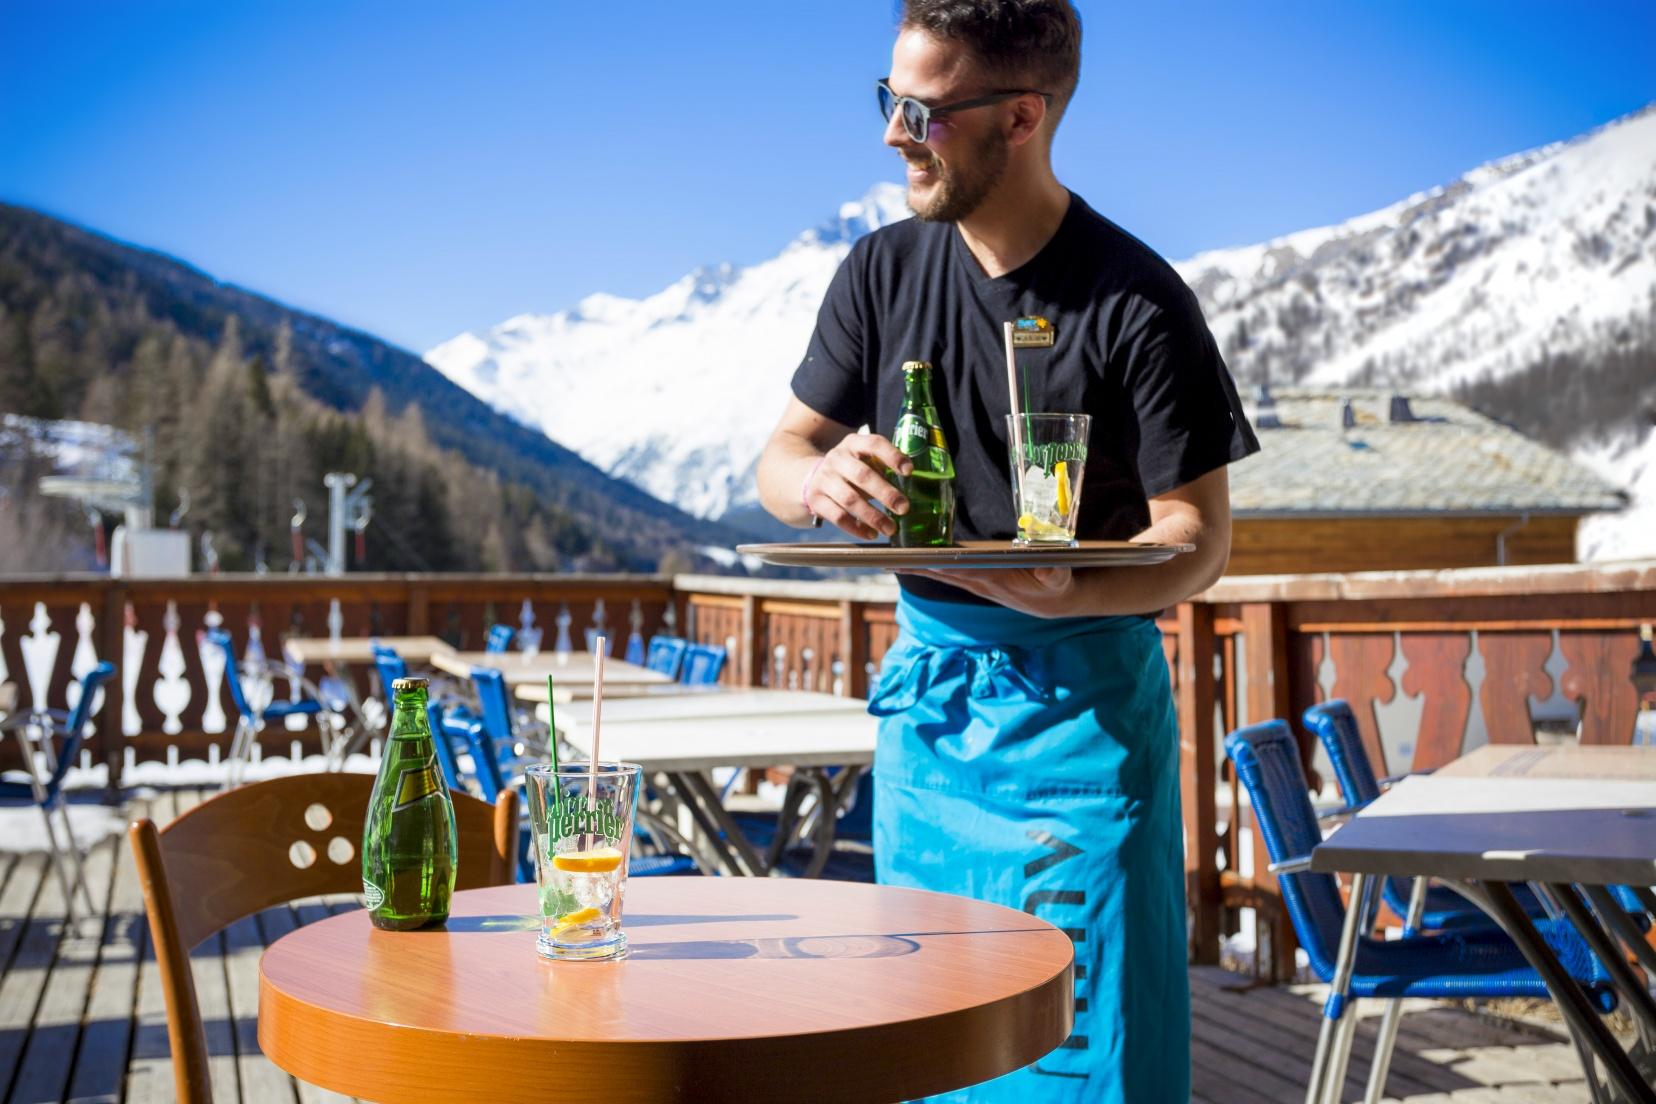 France - Alpes - Val Cenis - Hôtel Club mmv Le Val Cenis Village Vacances 3*